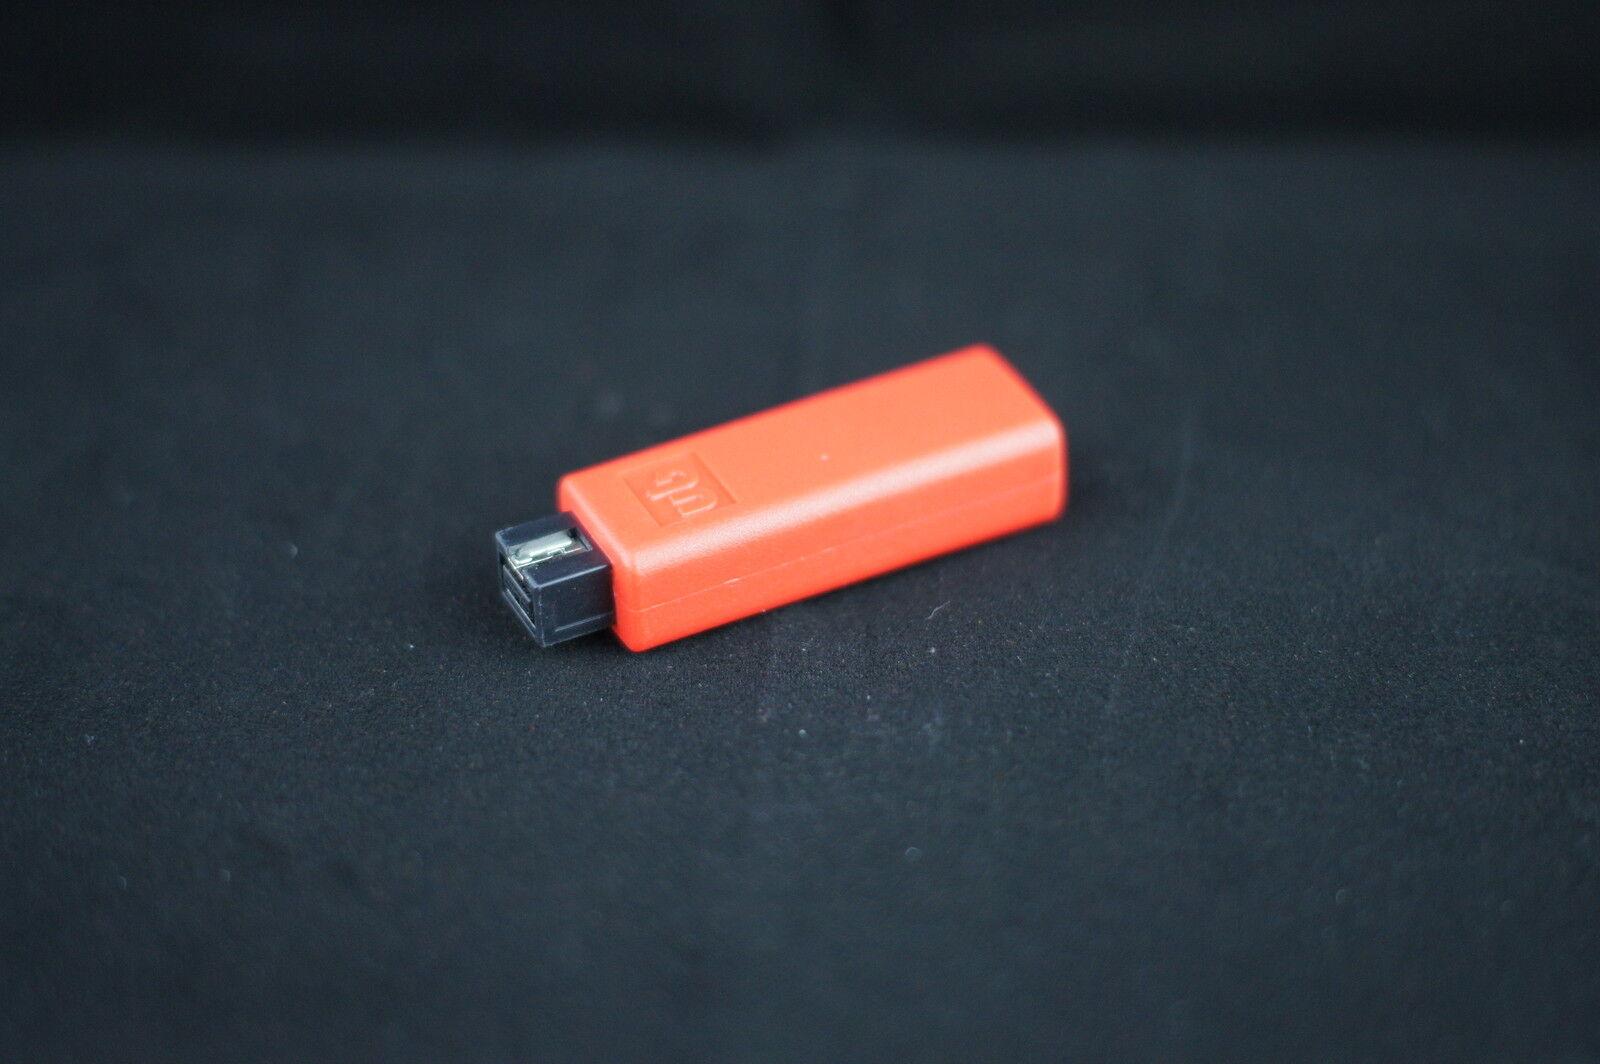 FireWire 800 400 IEEE1394b 6pin-9pin Converter Adapter